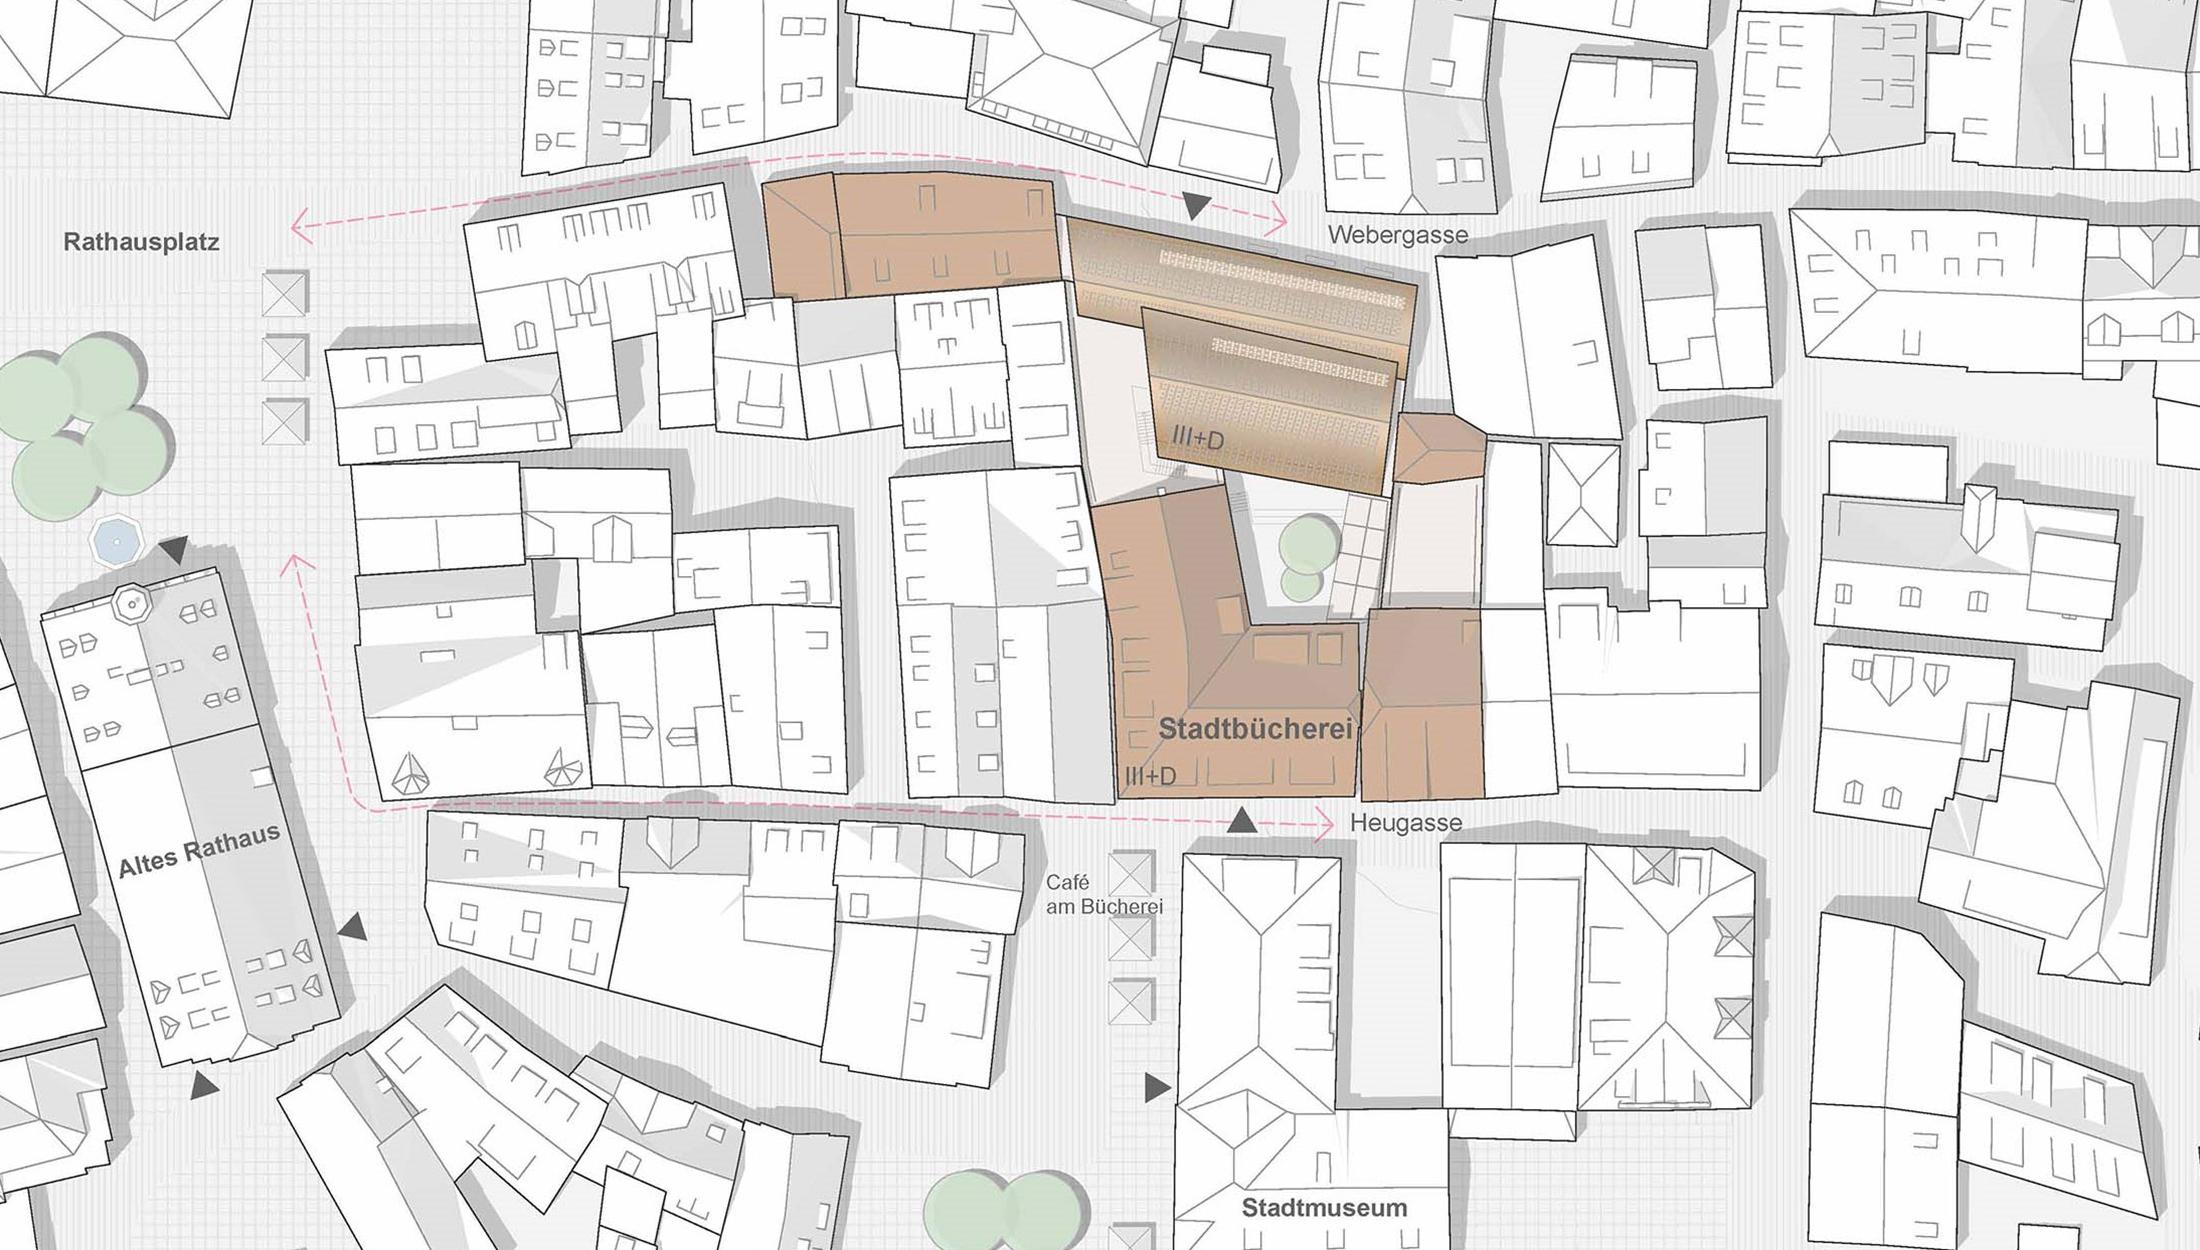 2021, Verfahrensbetreuung Fachplaner- und Projektsteuerungsleistungen Stadtbücherei, Esslingen